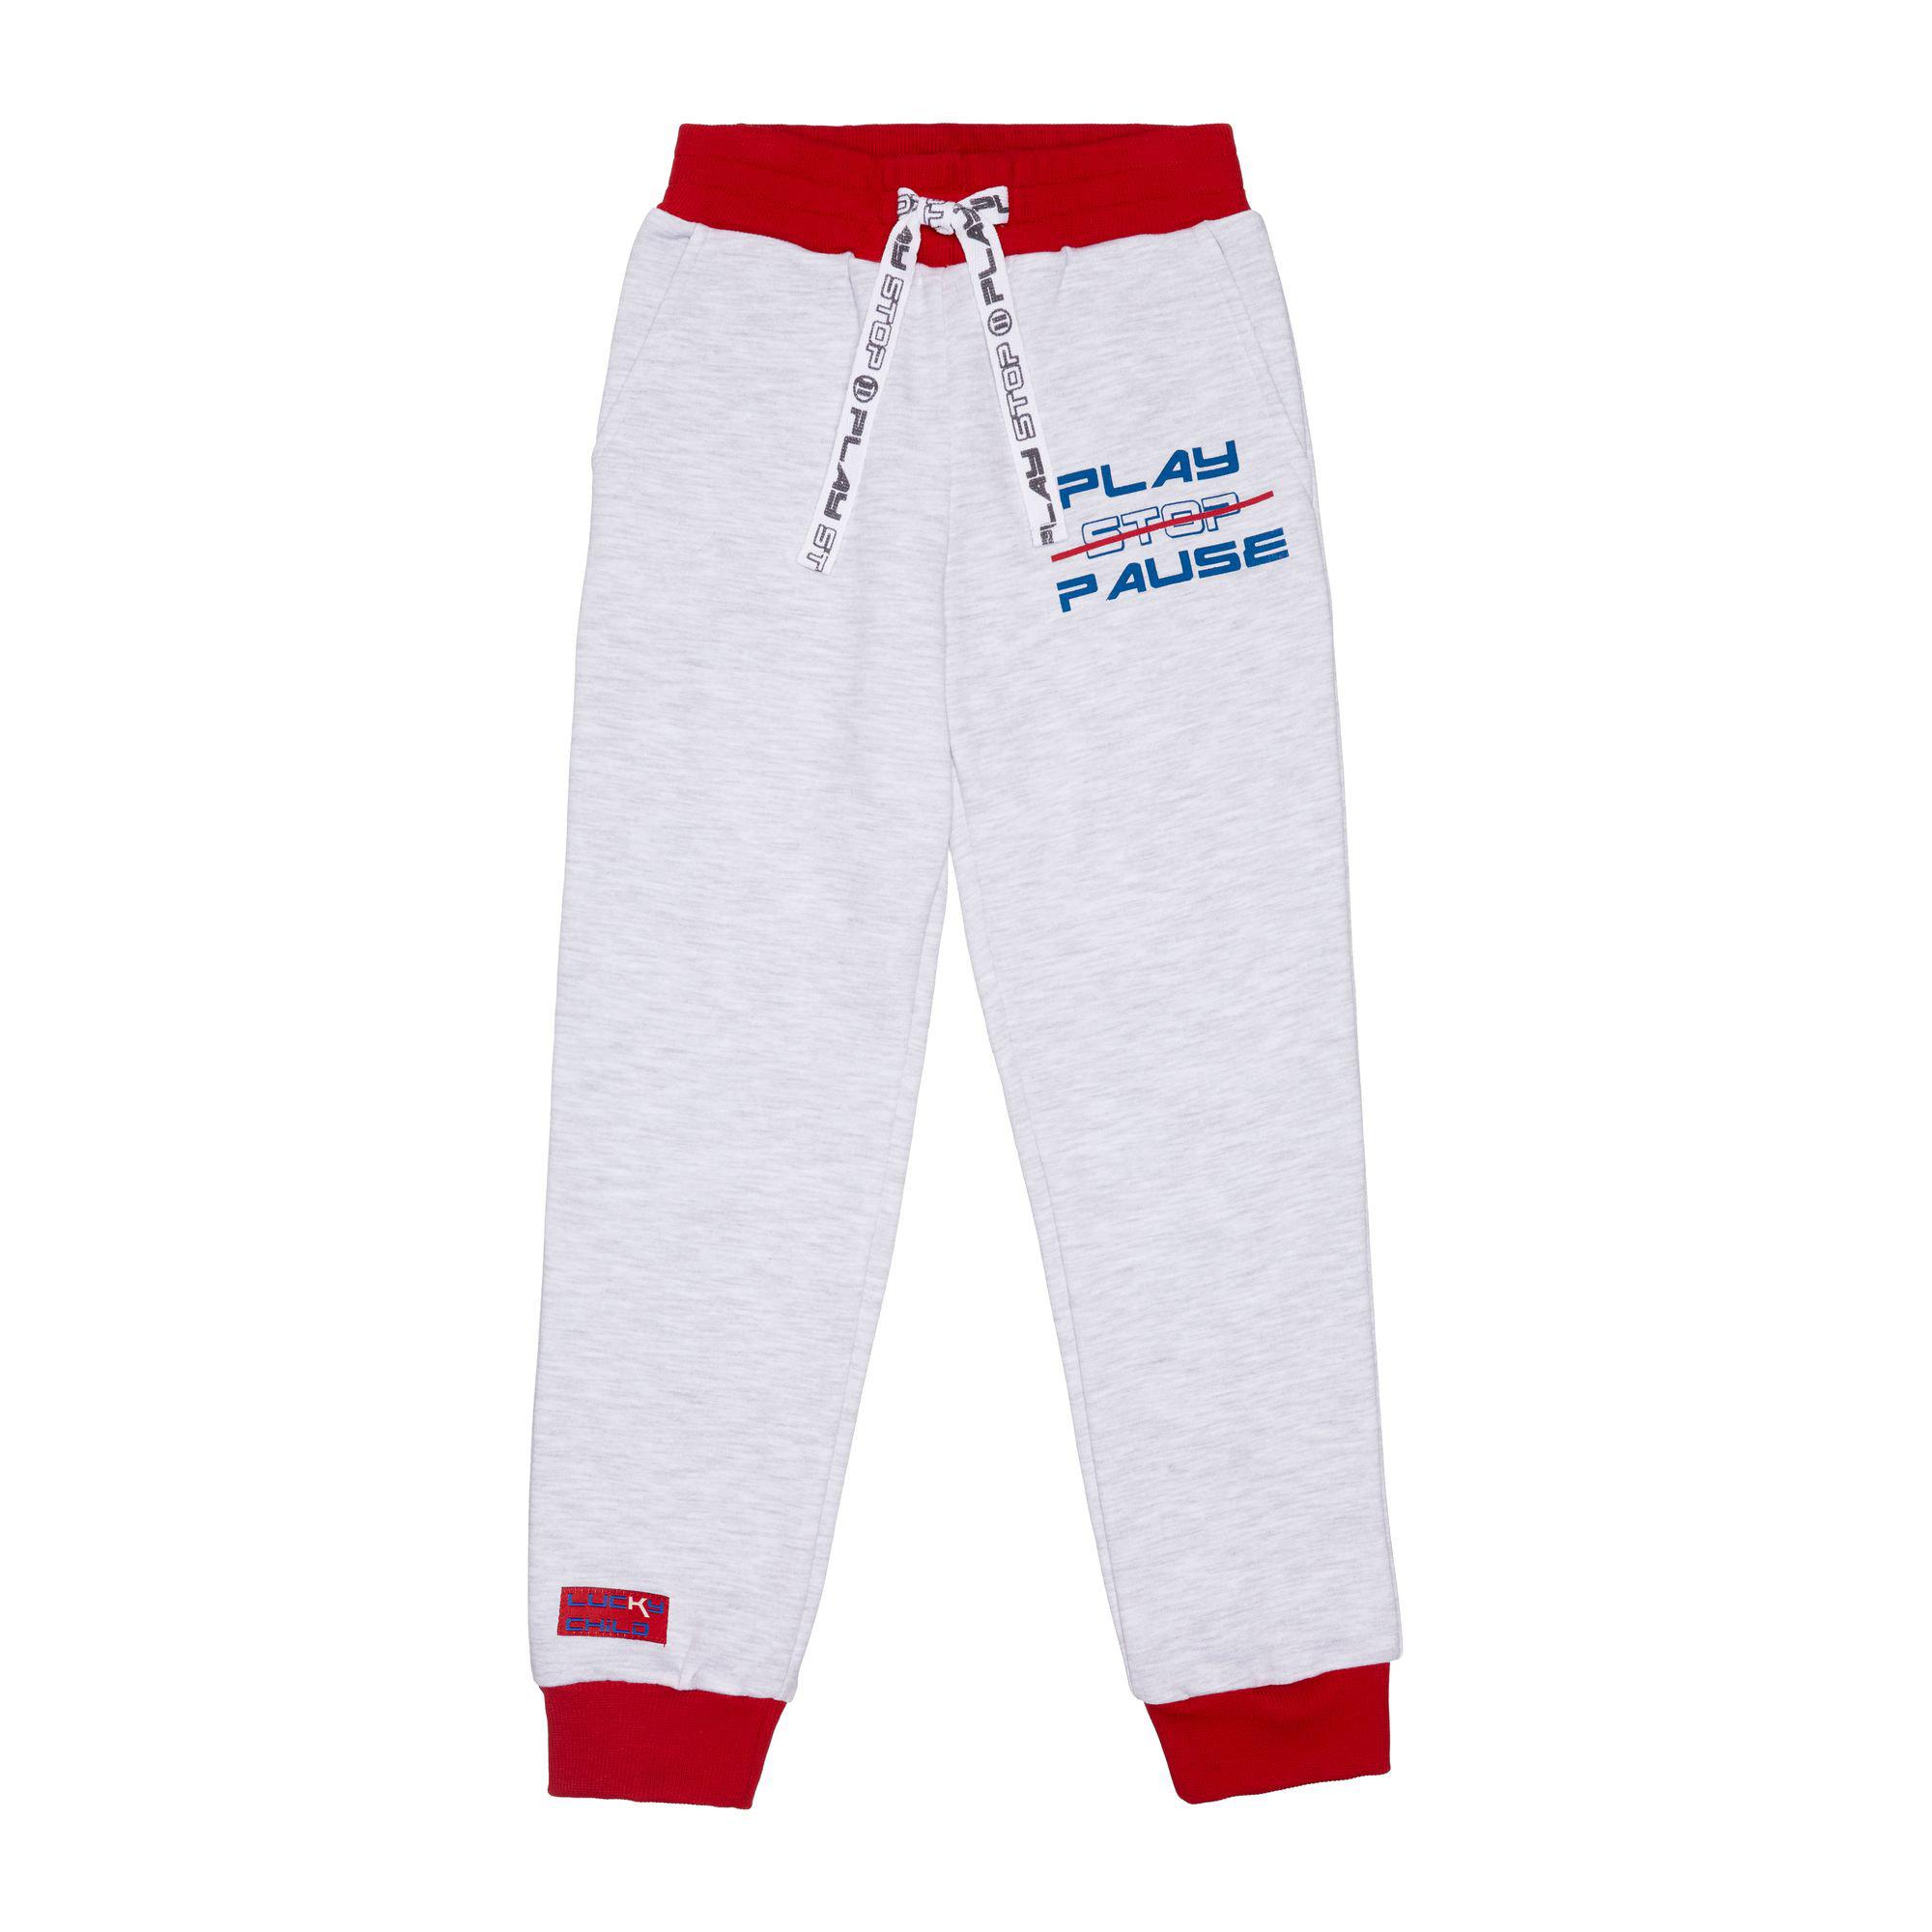 Спортивные брюки Lucky Child Больше пространства серые 110-116